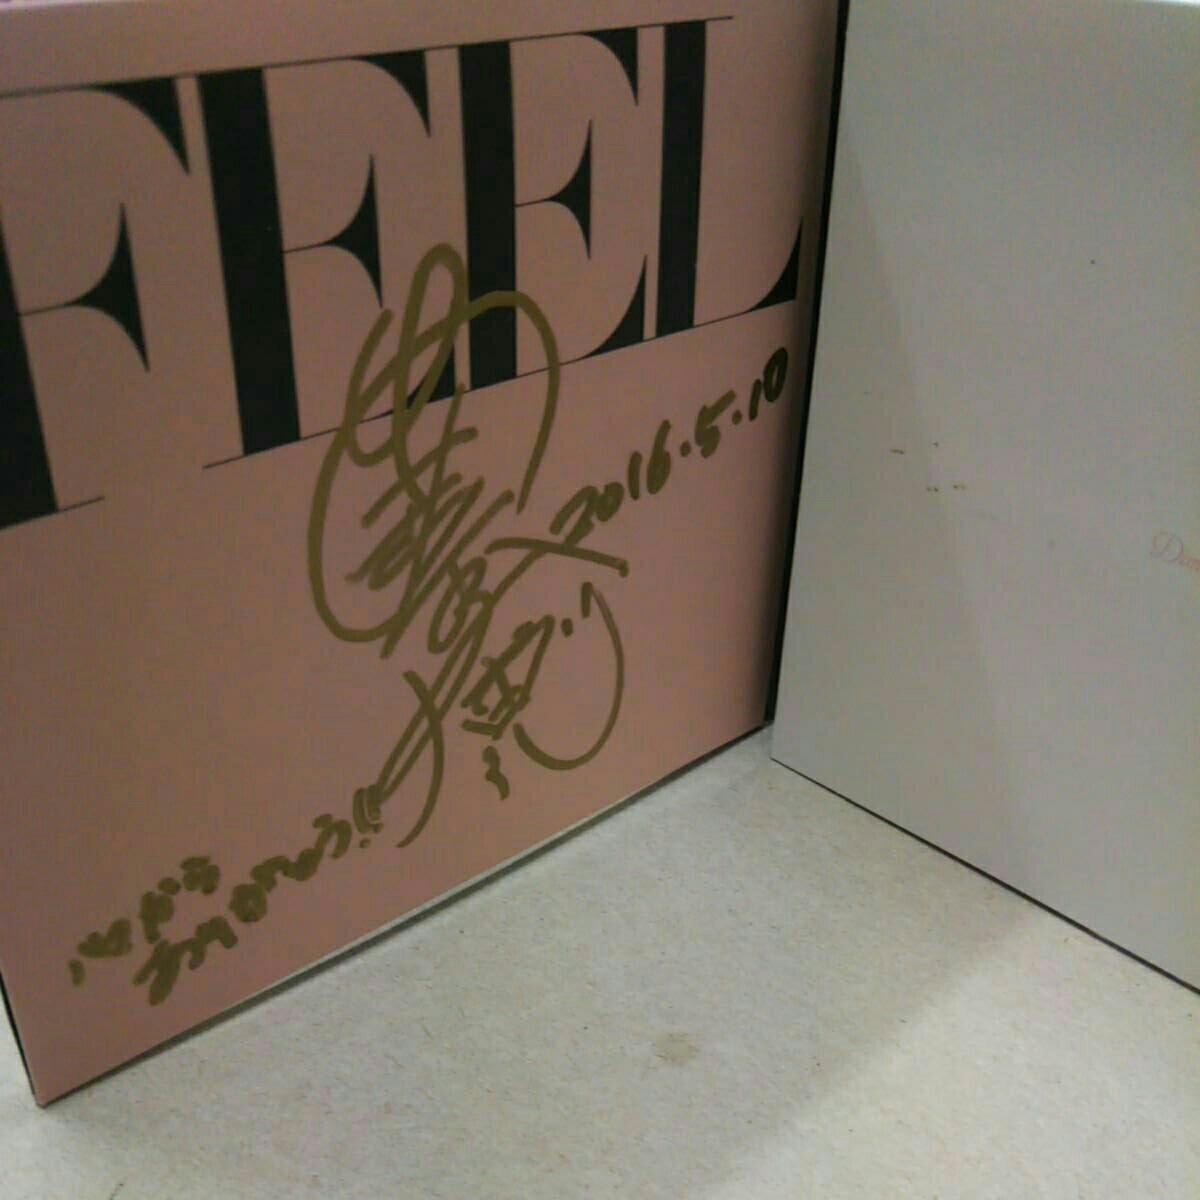 安室奈美恵さんFEEL直筆サインメッセージ、日付入りの一点物、初版プレスです。